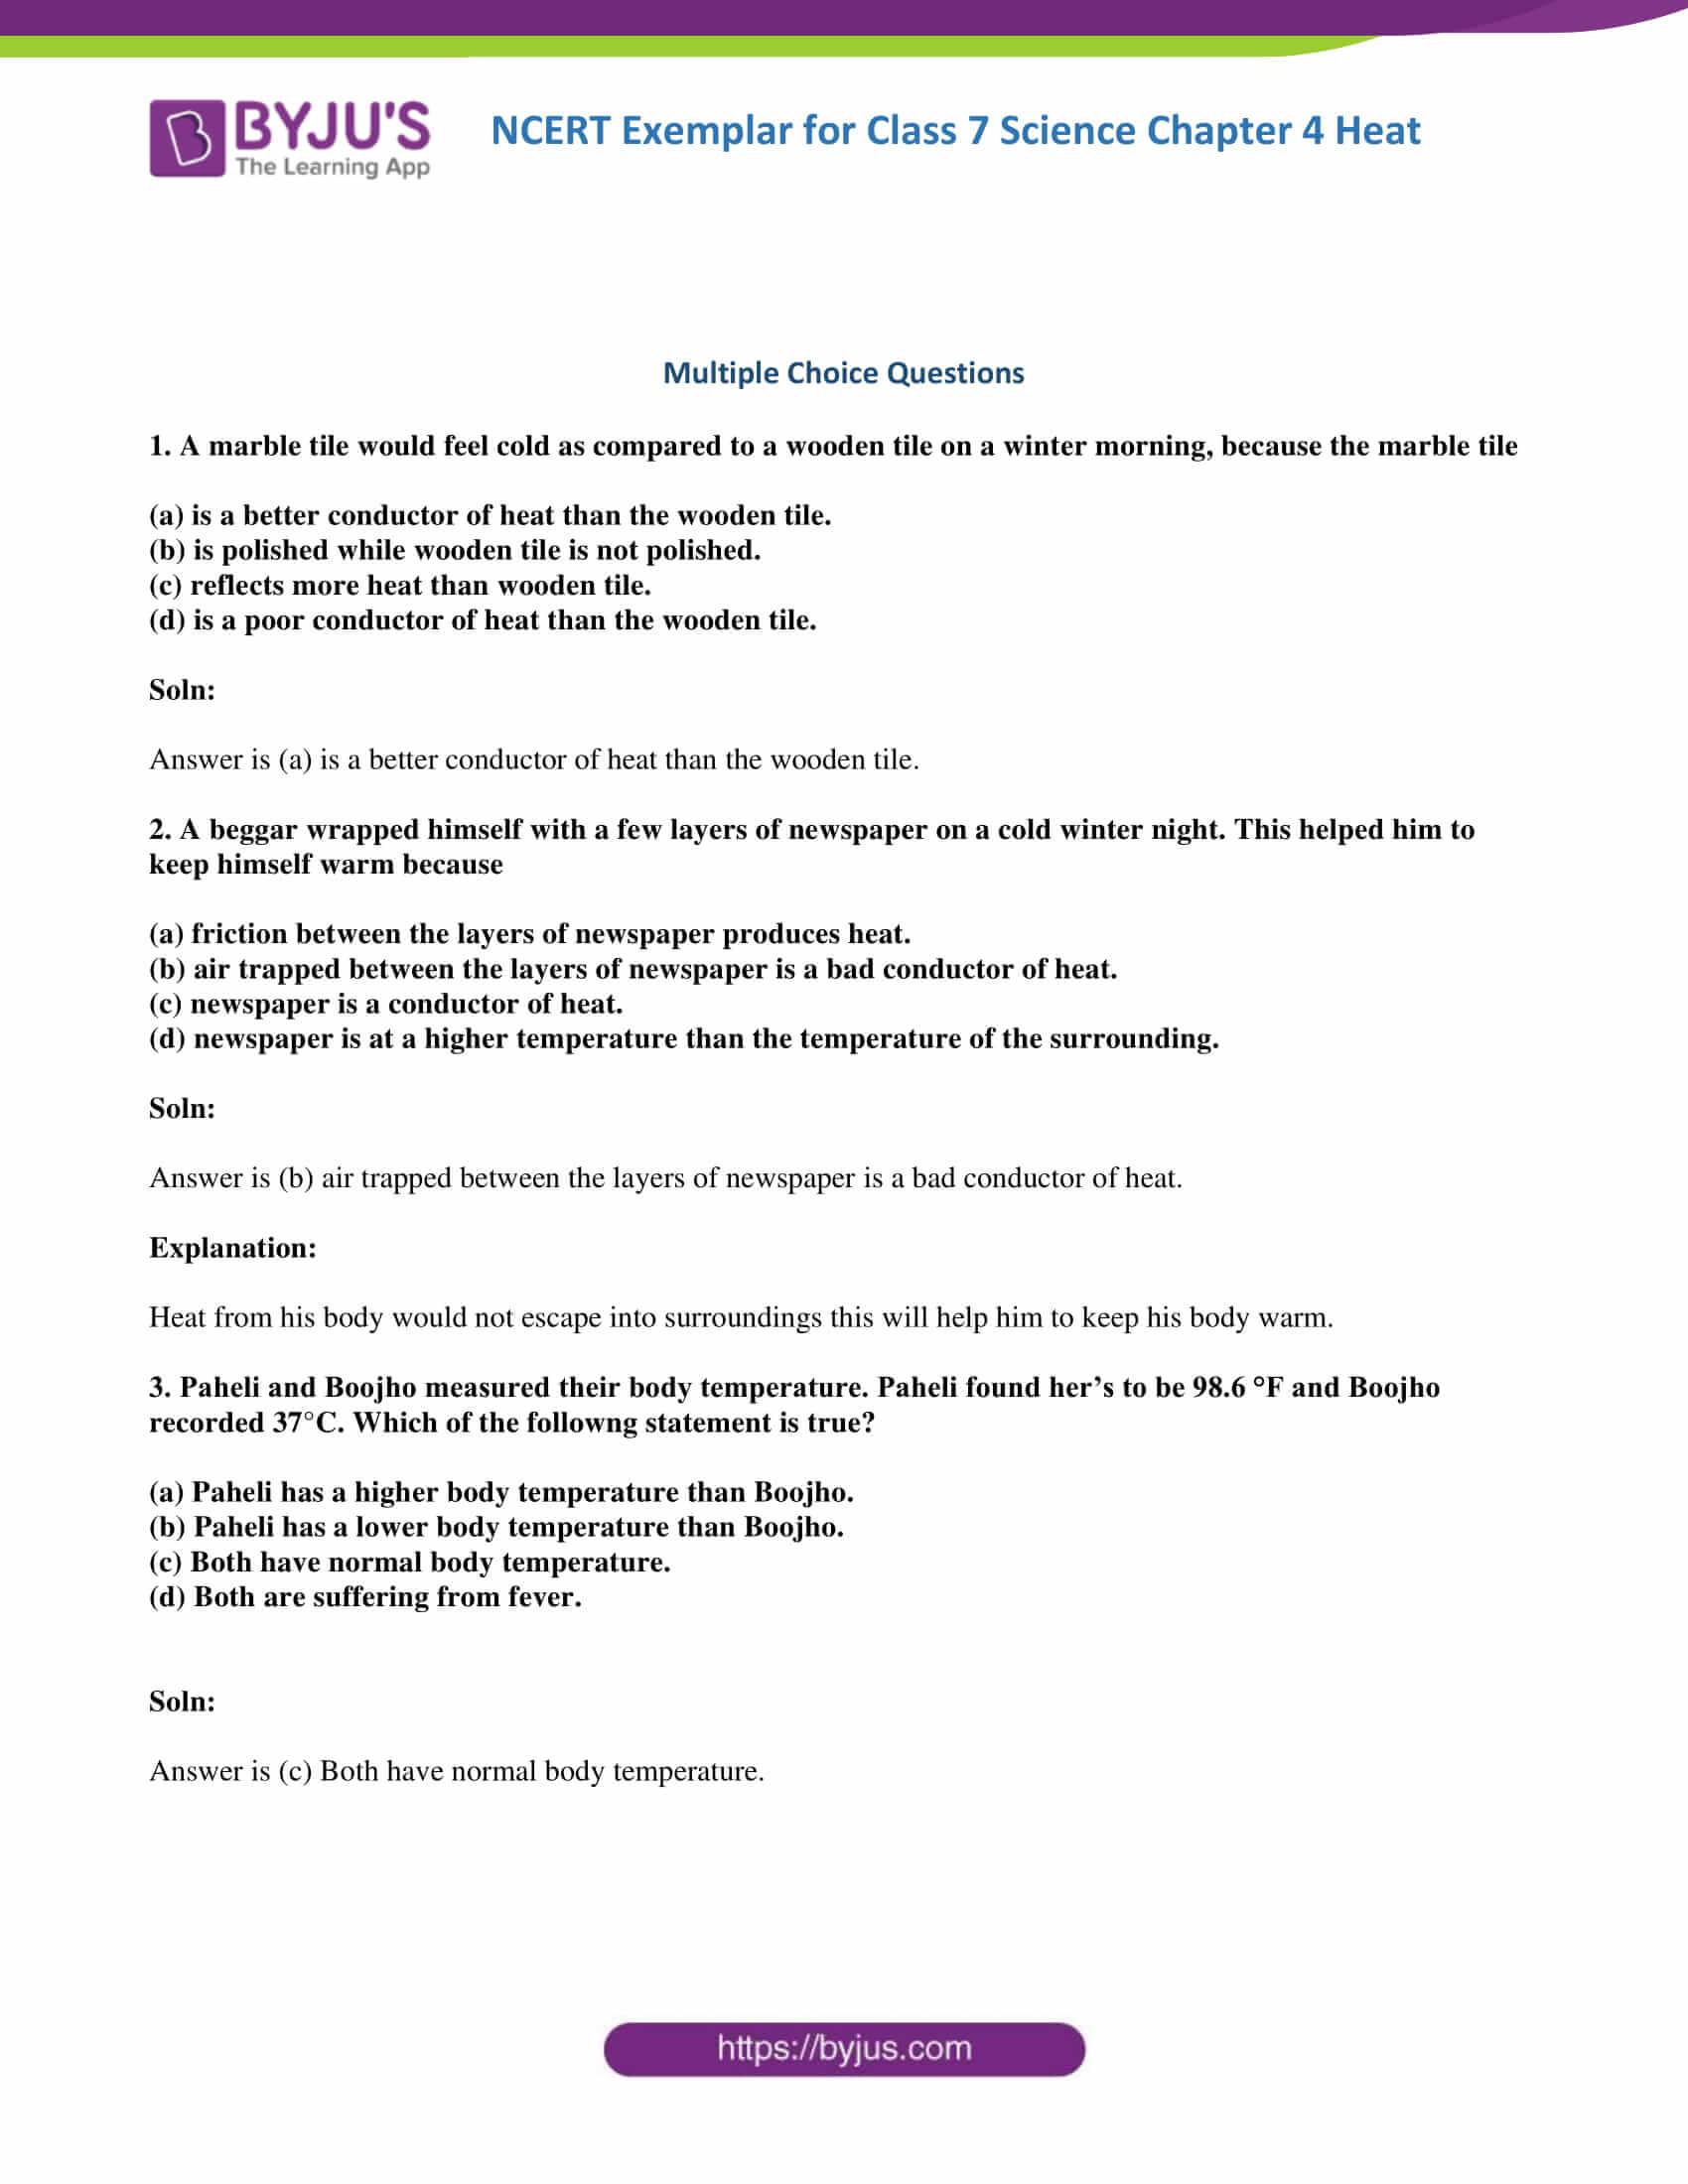 NCERT Exemplar solution class 7 science Chapter 4 1